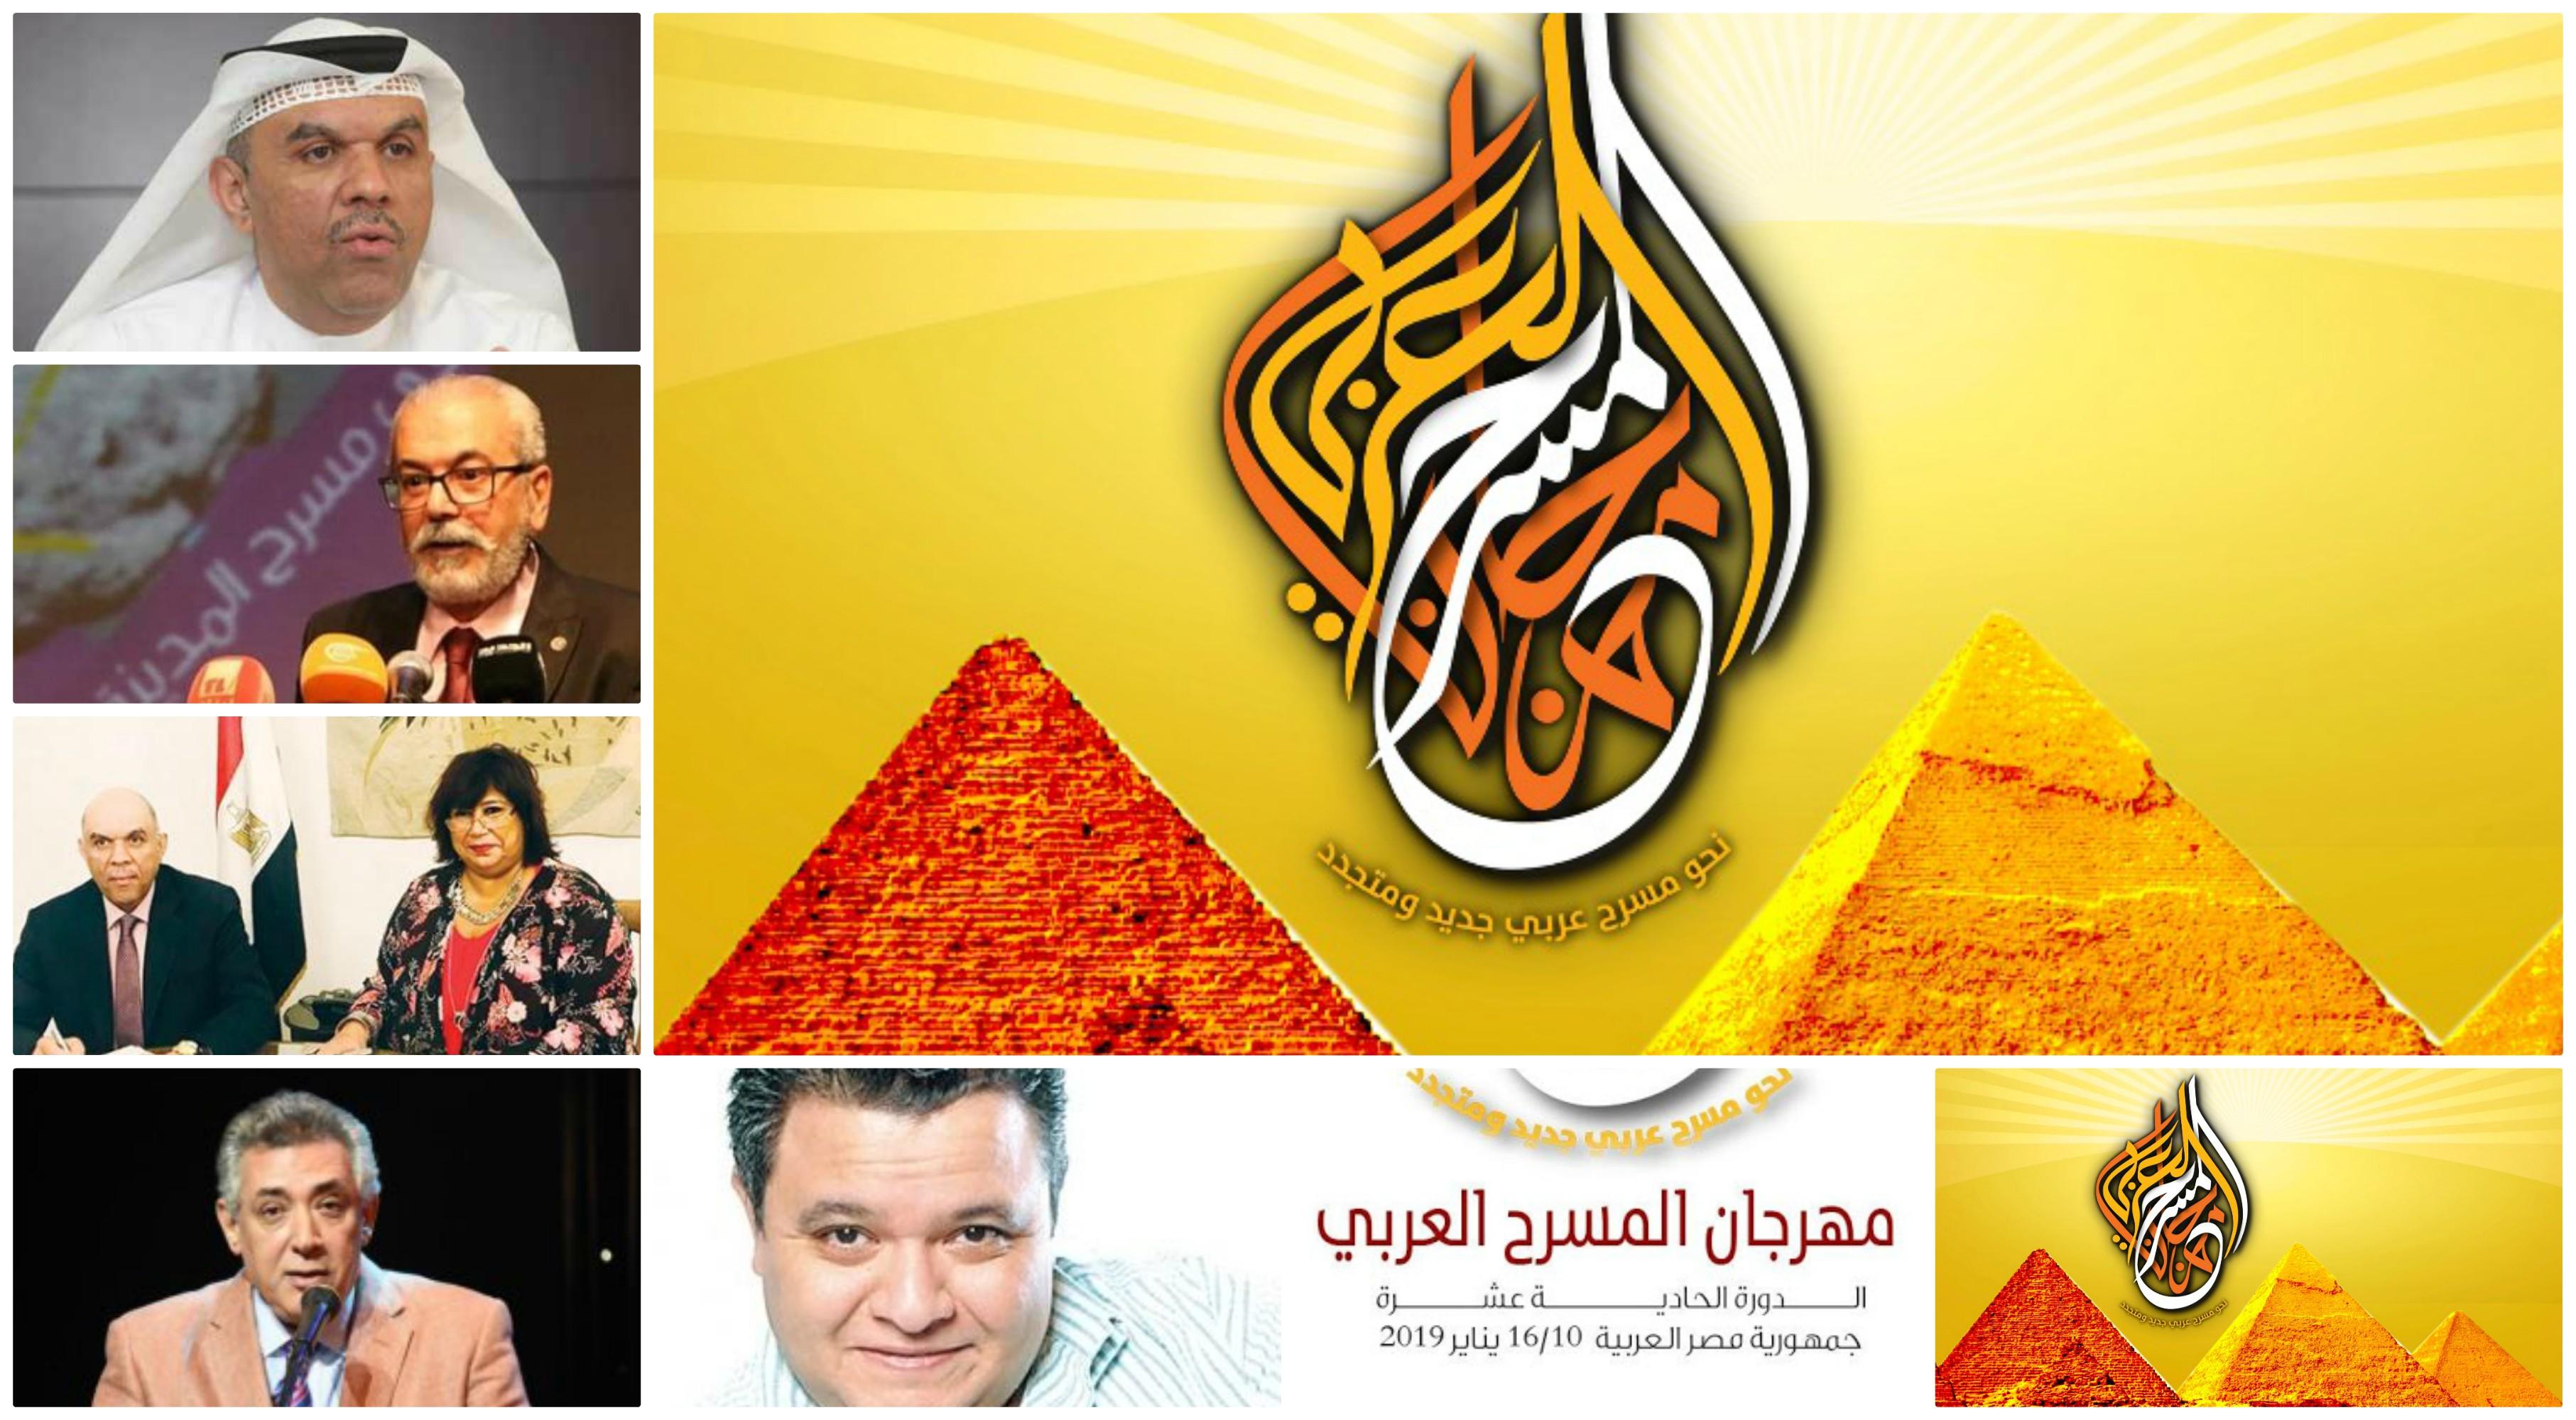 الدورة الحادية عشر لمهرجان المسرح العربي الذي تستضيفه مصر